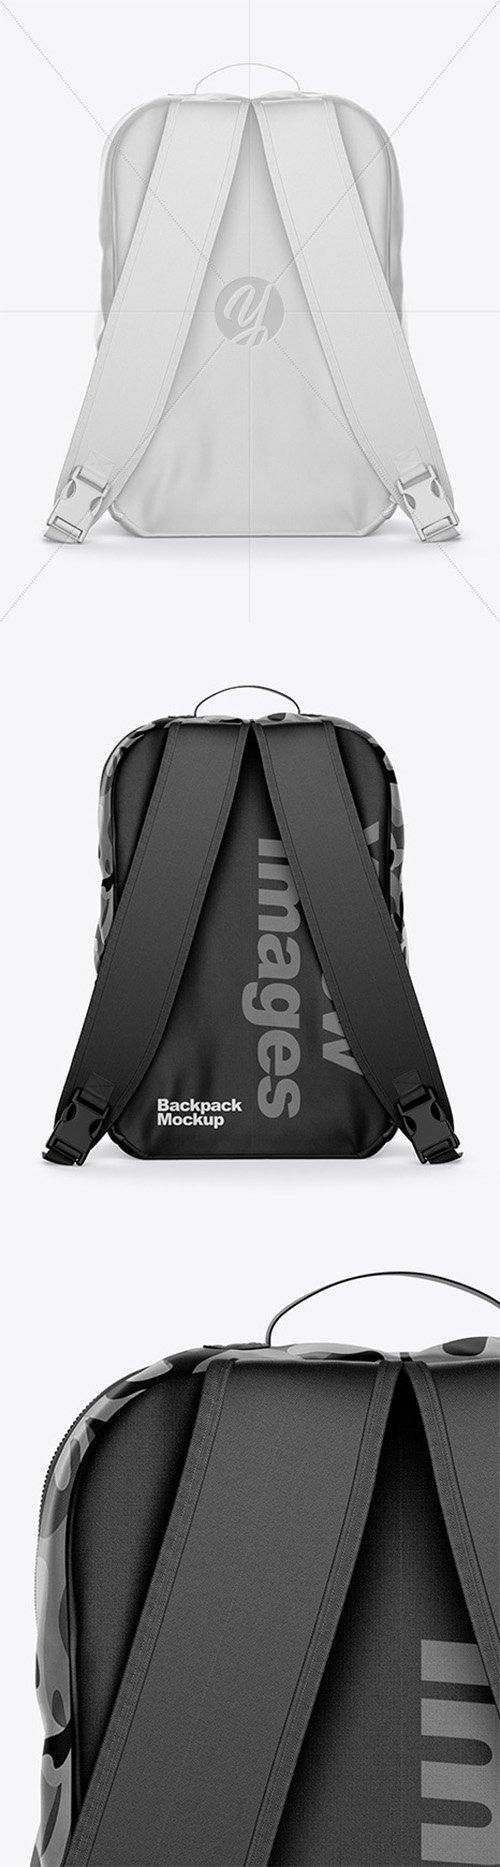 Backpack Mockup 52062 TIF